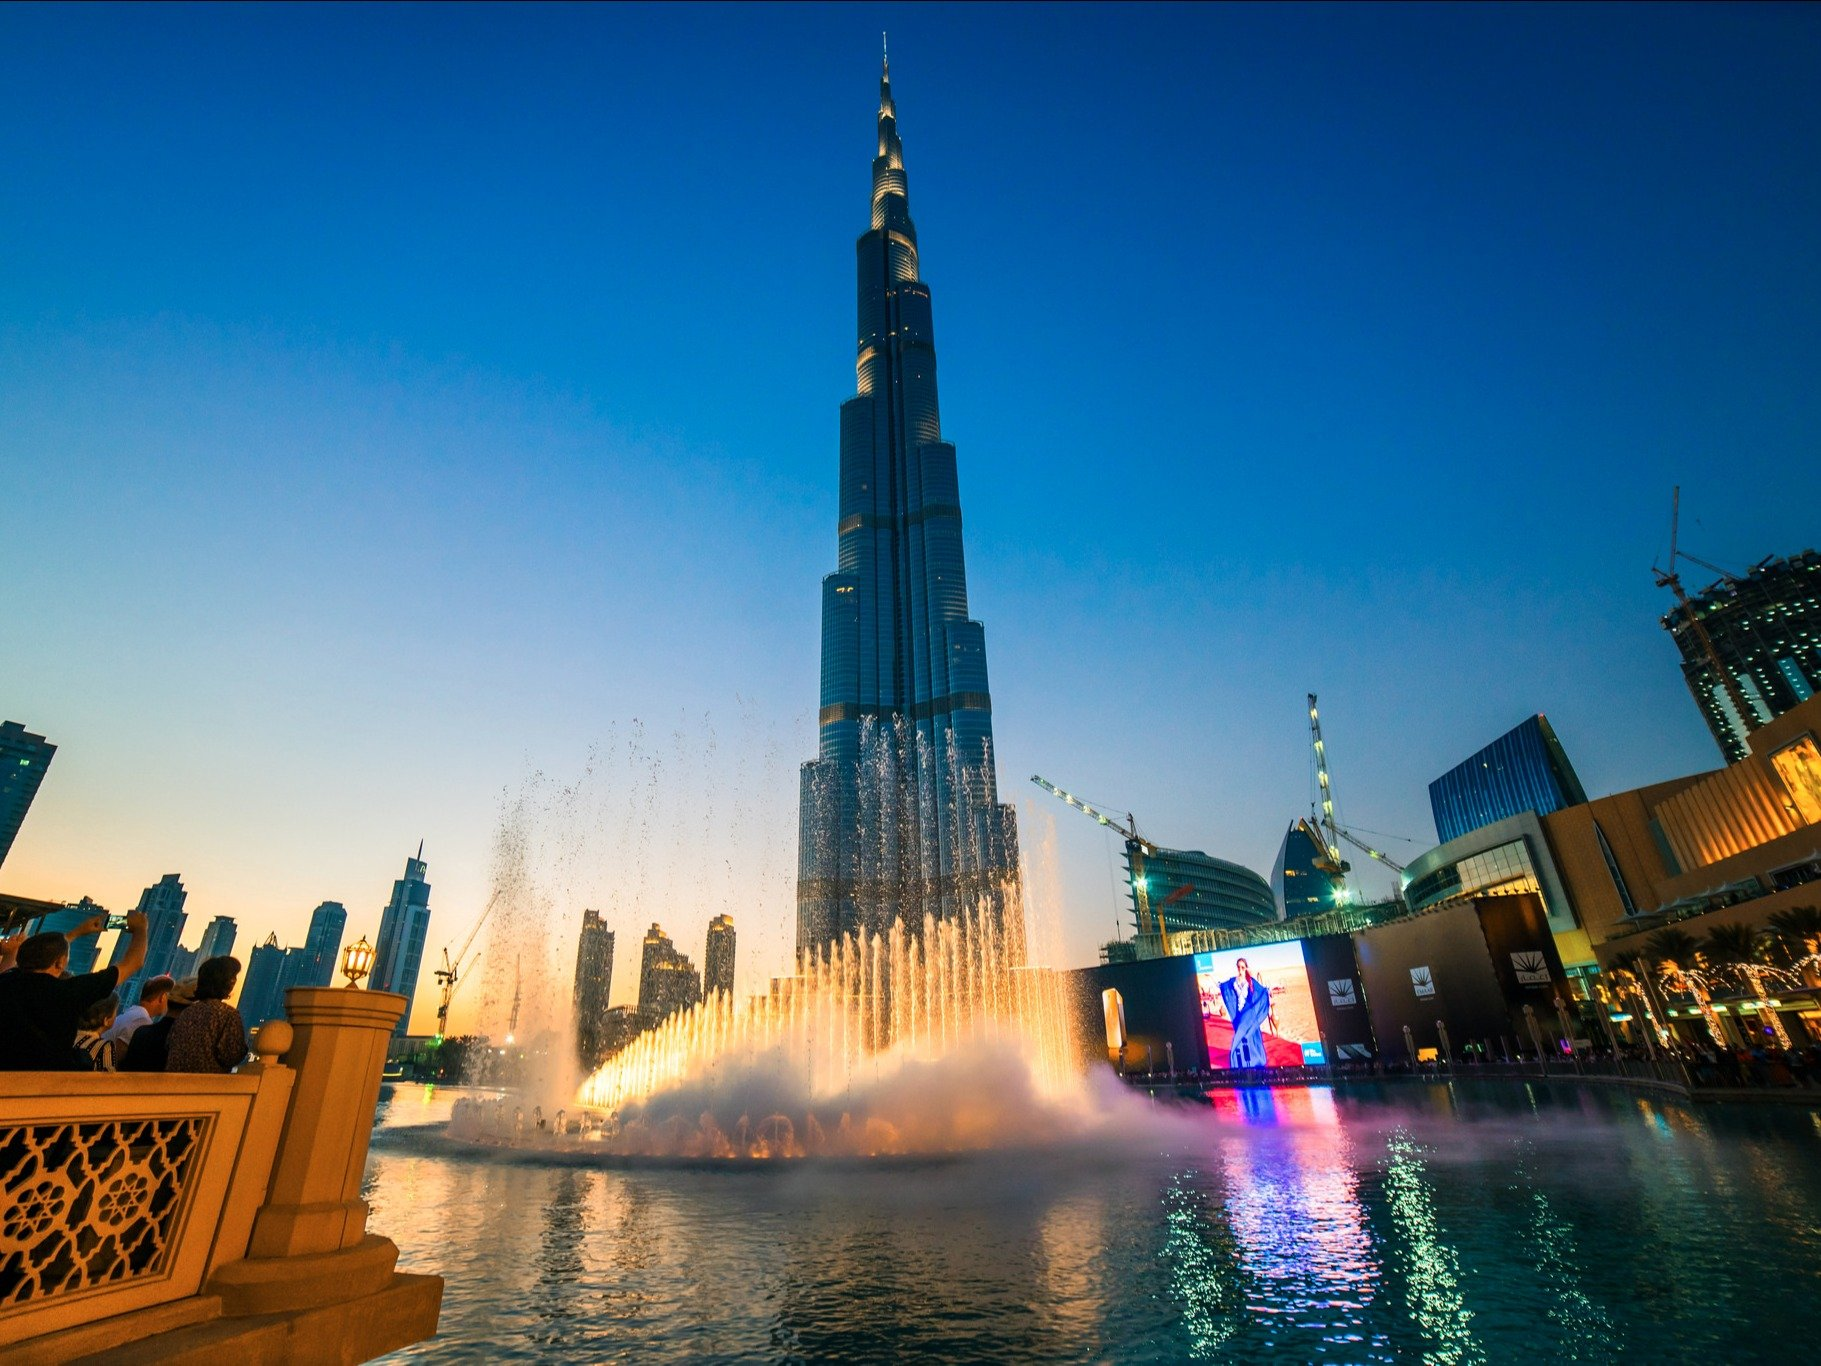 壕无止境:迪拜到底有多壕?